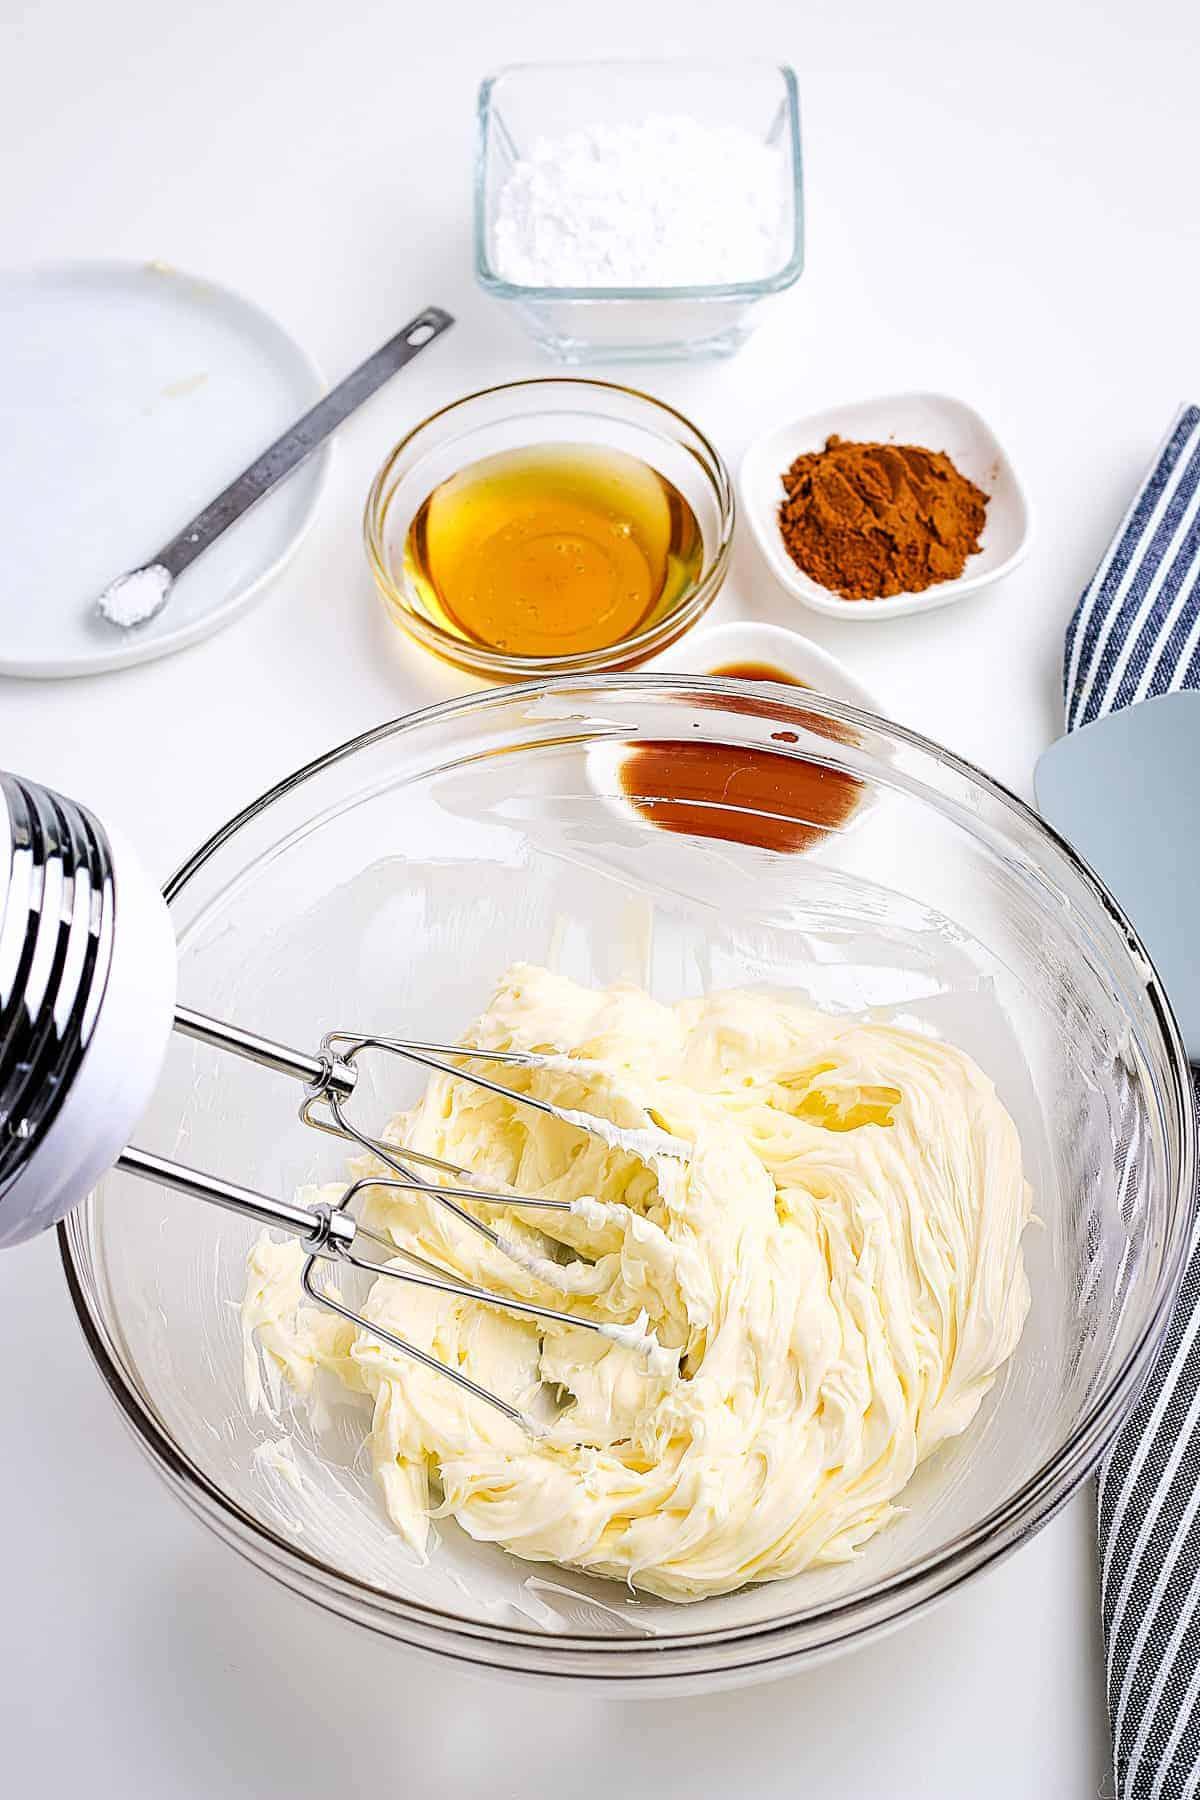 Hand mixer whipping butter